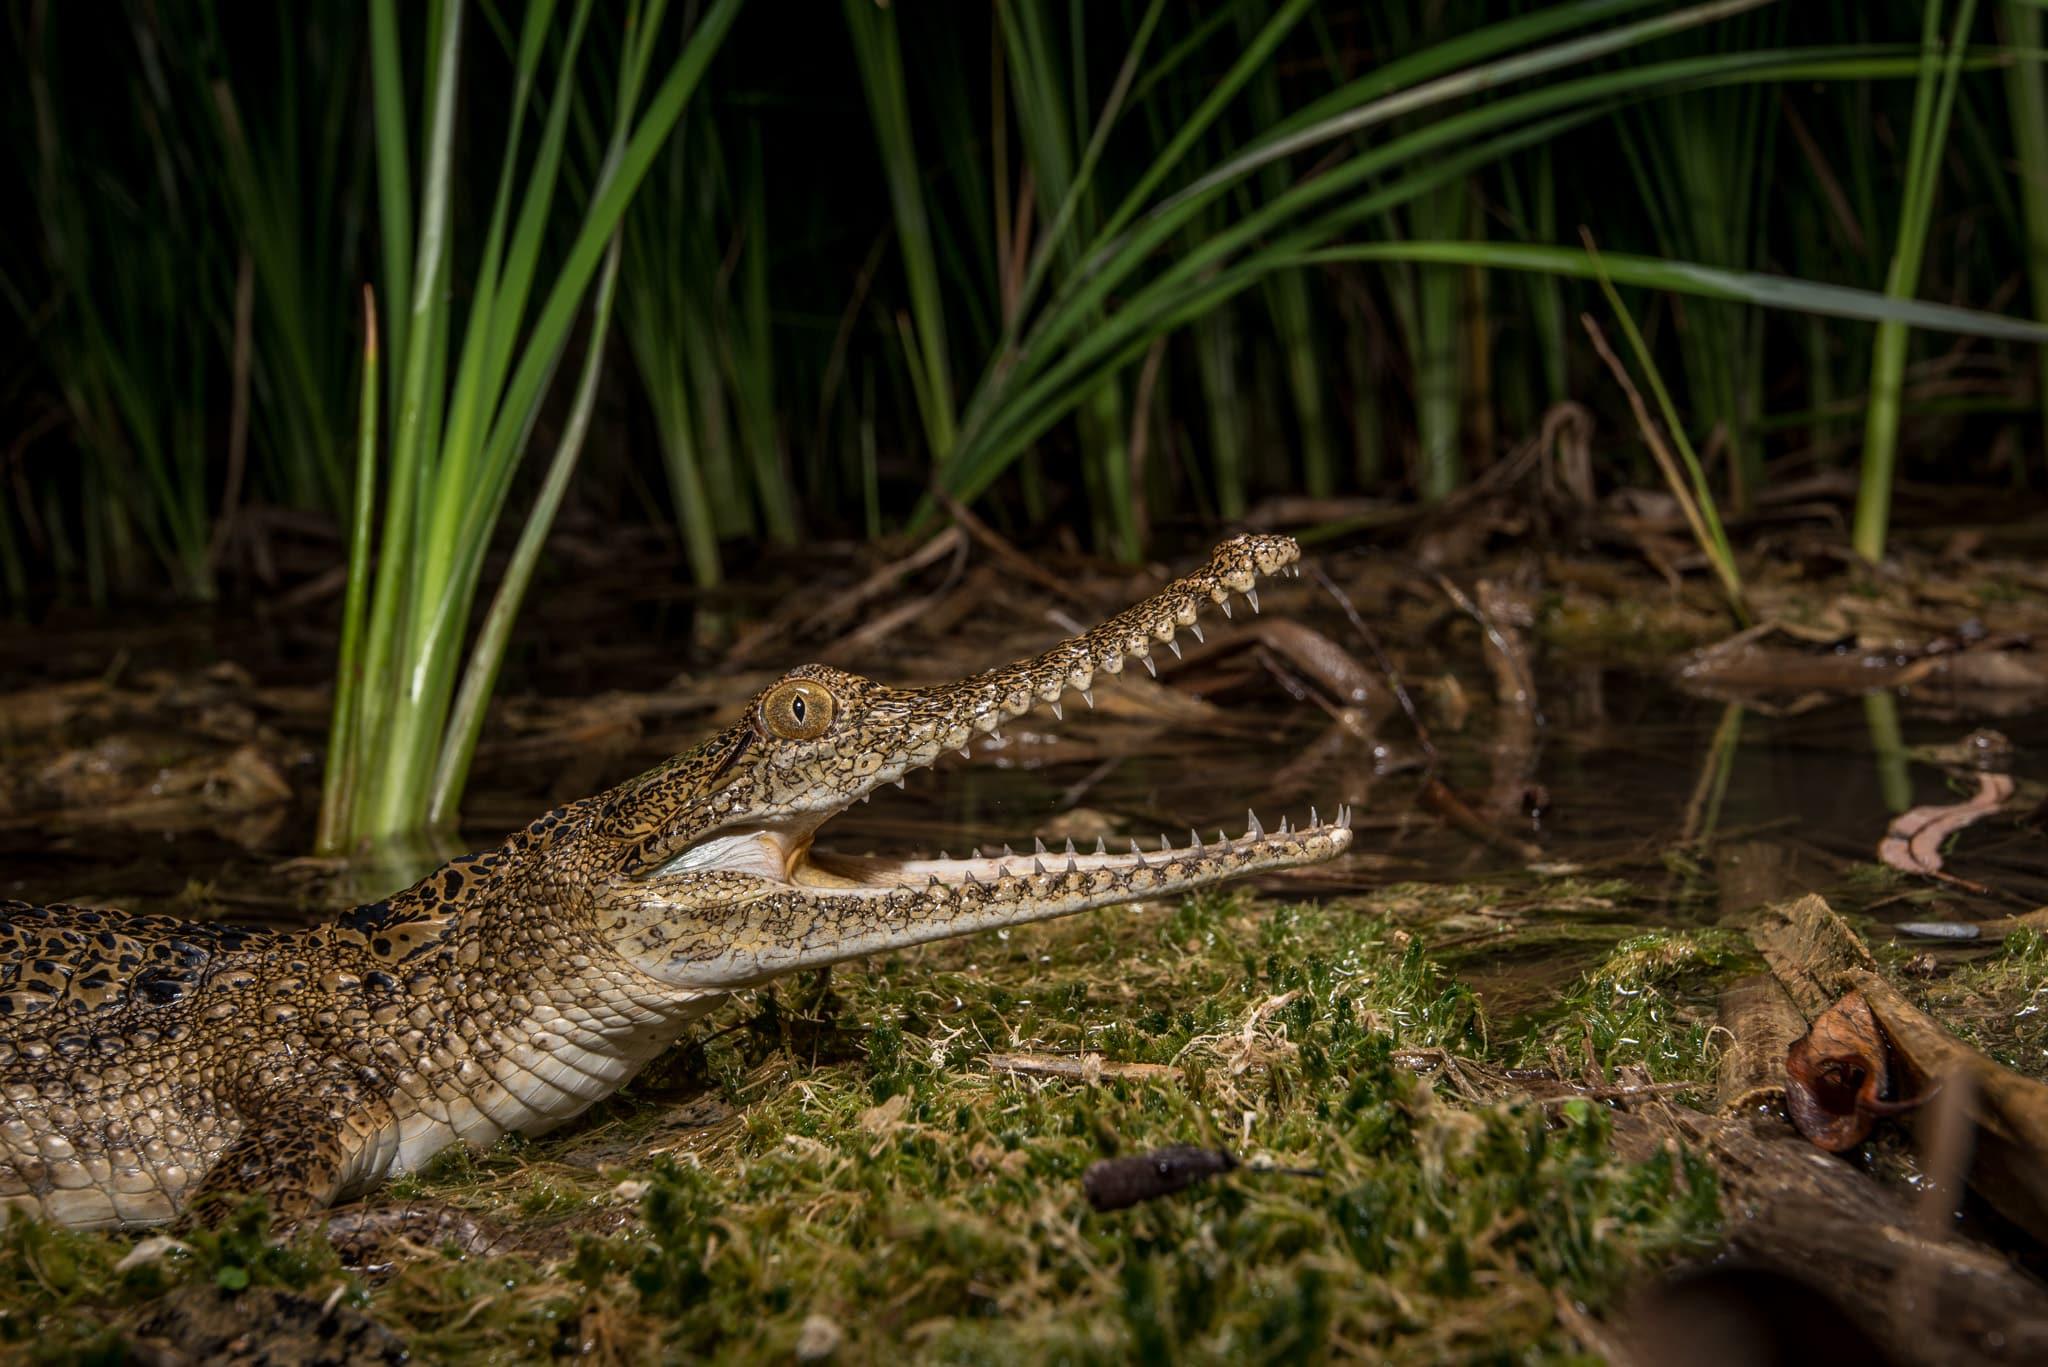 Crocodilia: Crocodiles